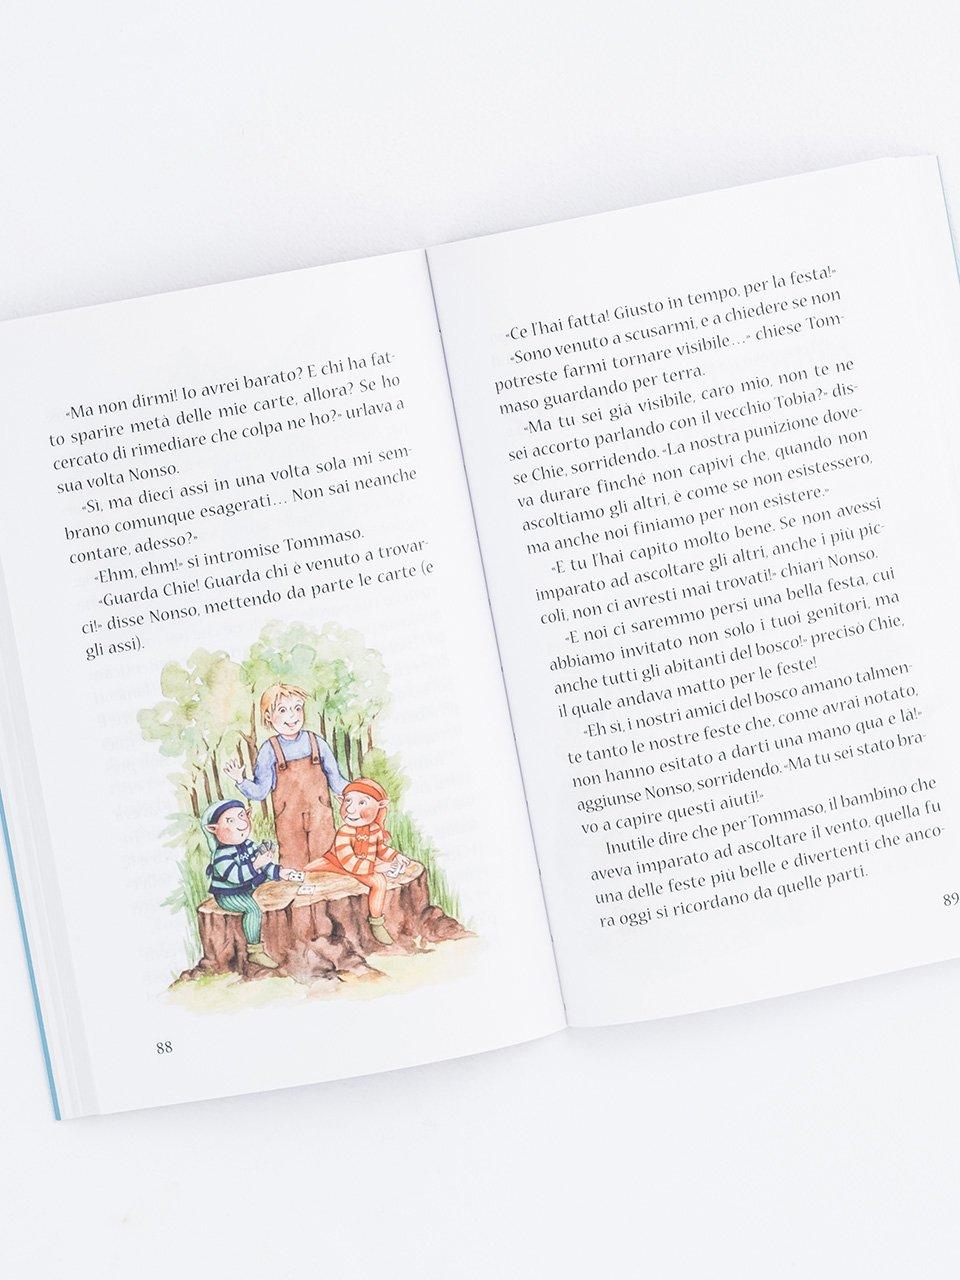 Le favole che fanno crescere - Volume 1 - Libri - Erickson 2